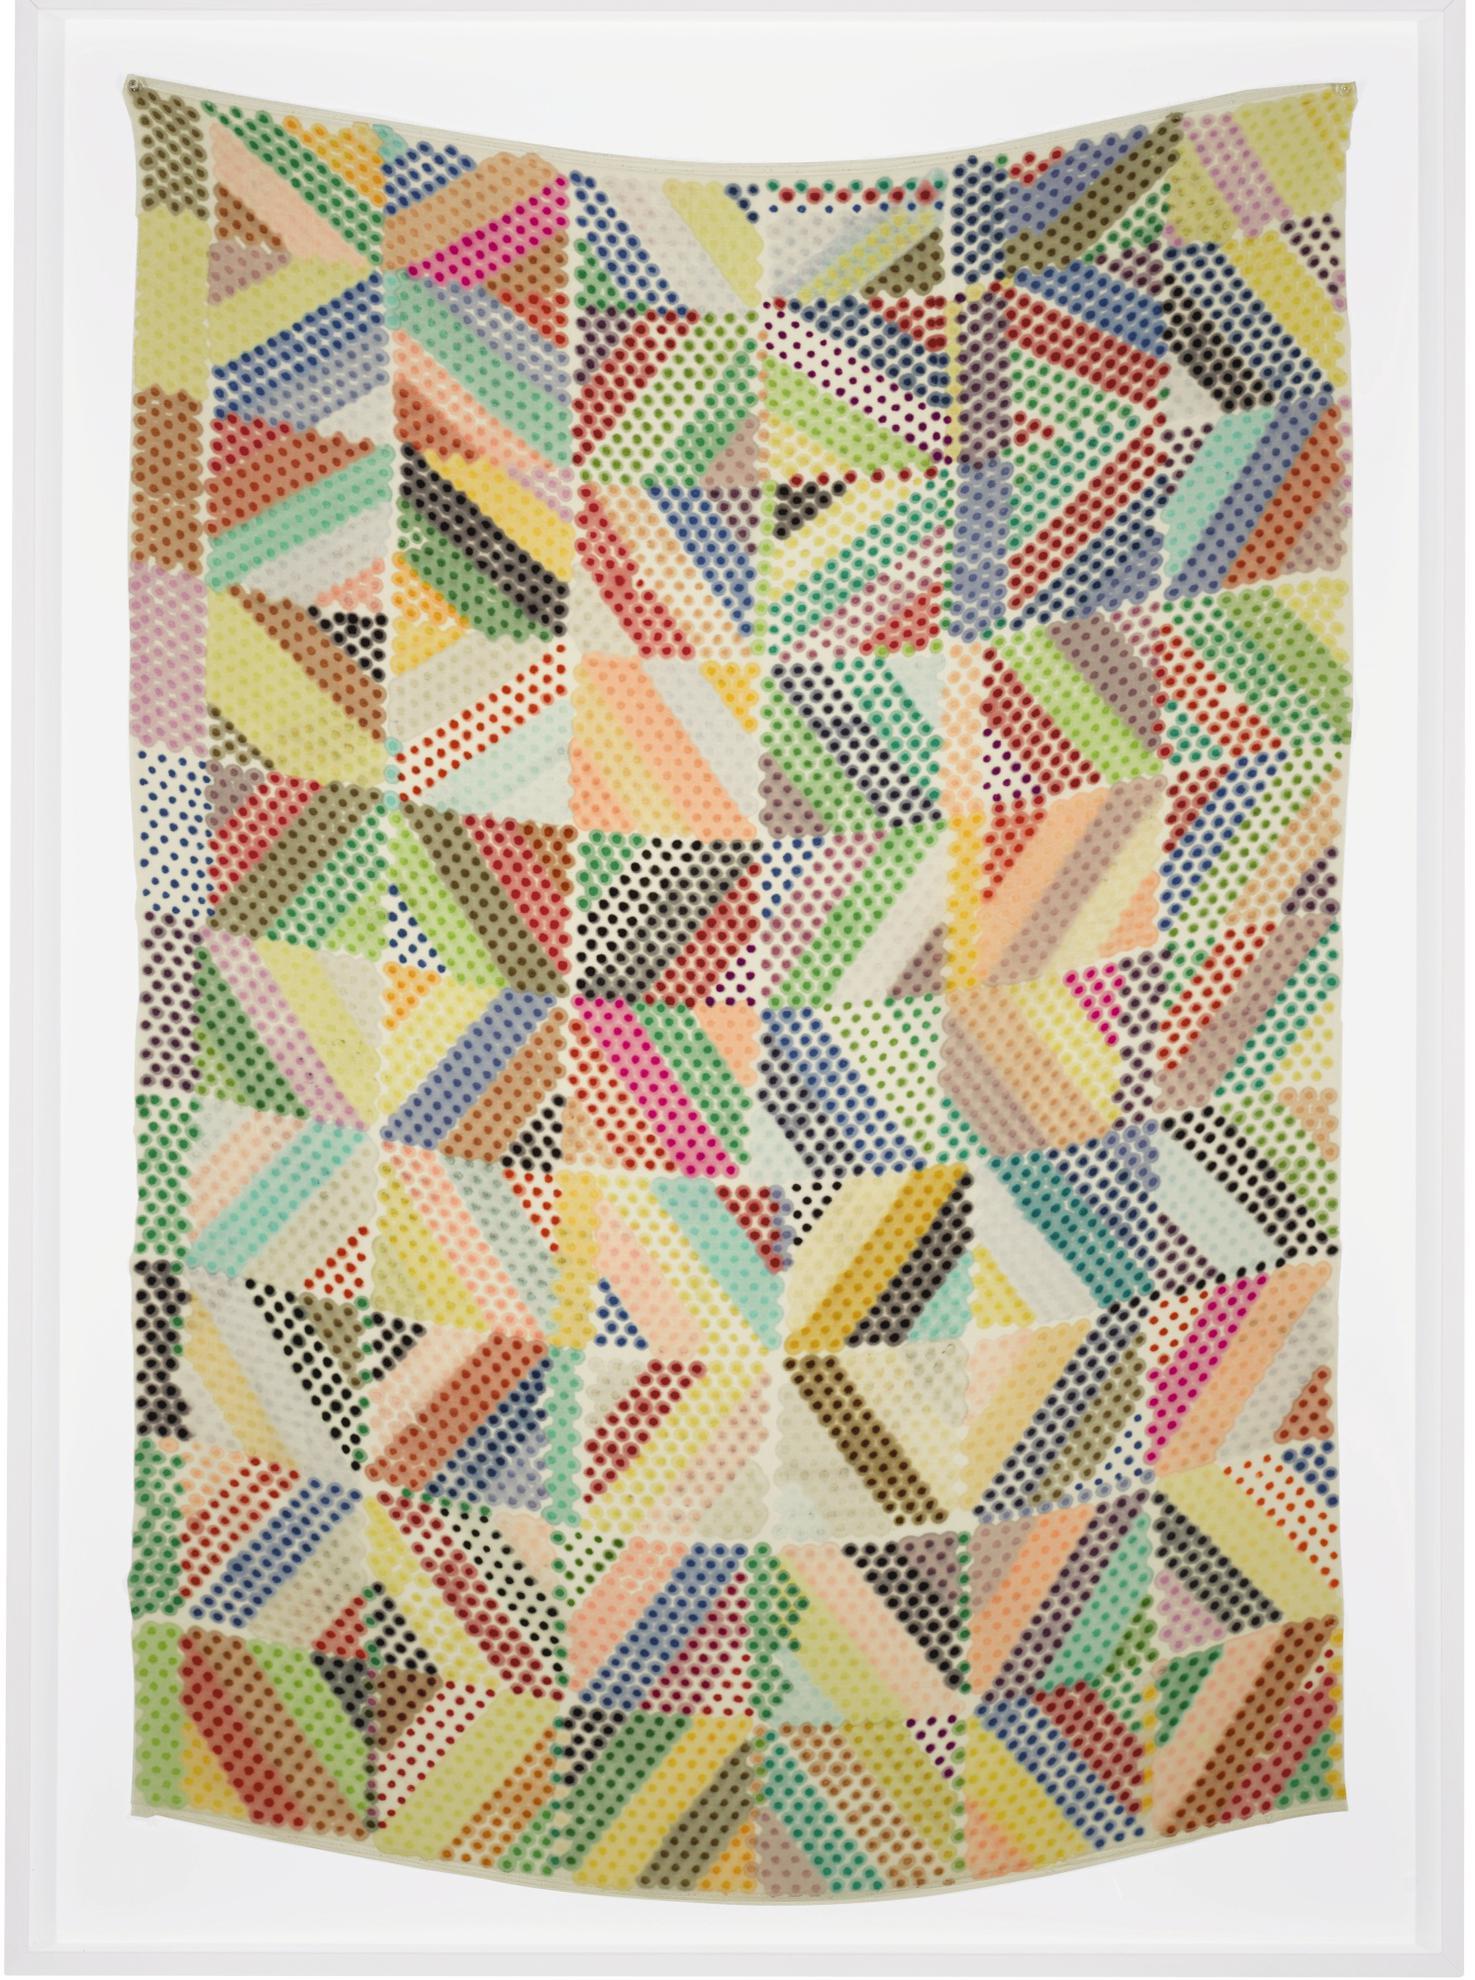 Polly Apfelbaum-Hwp 37-2014